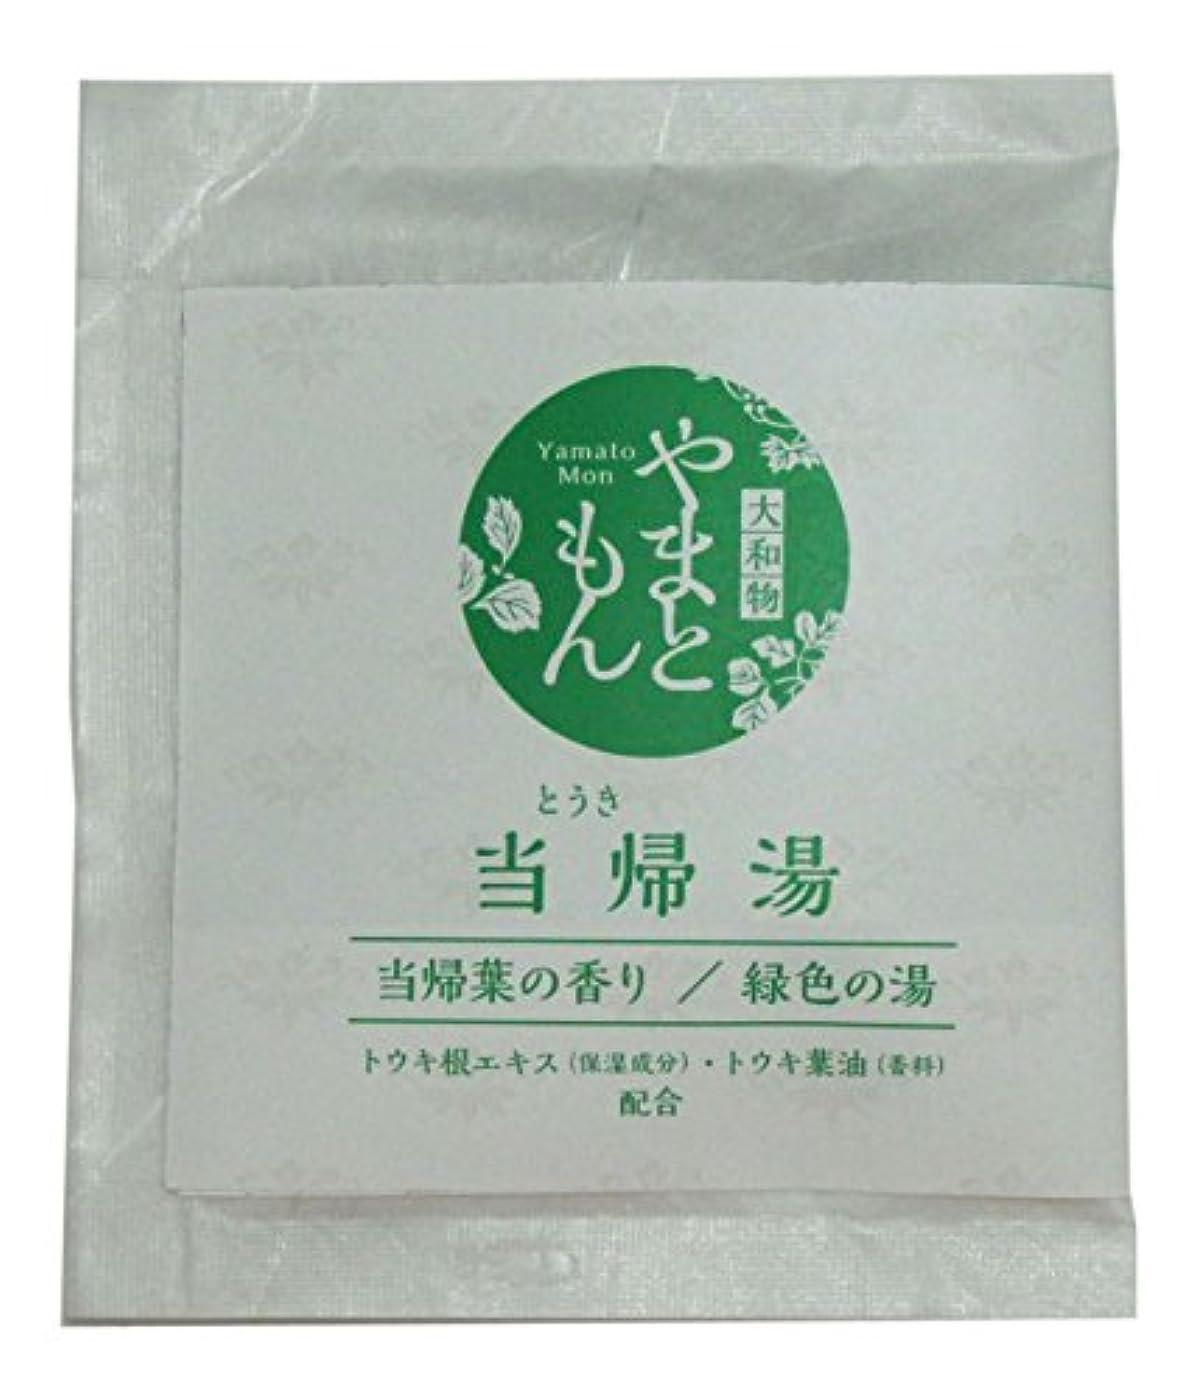 シロクマ平日偽物奈良産和漢生薬エキス使用やまともん化粧品 当帰湯(とうきゆ)